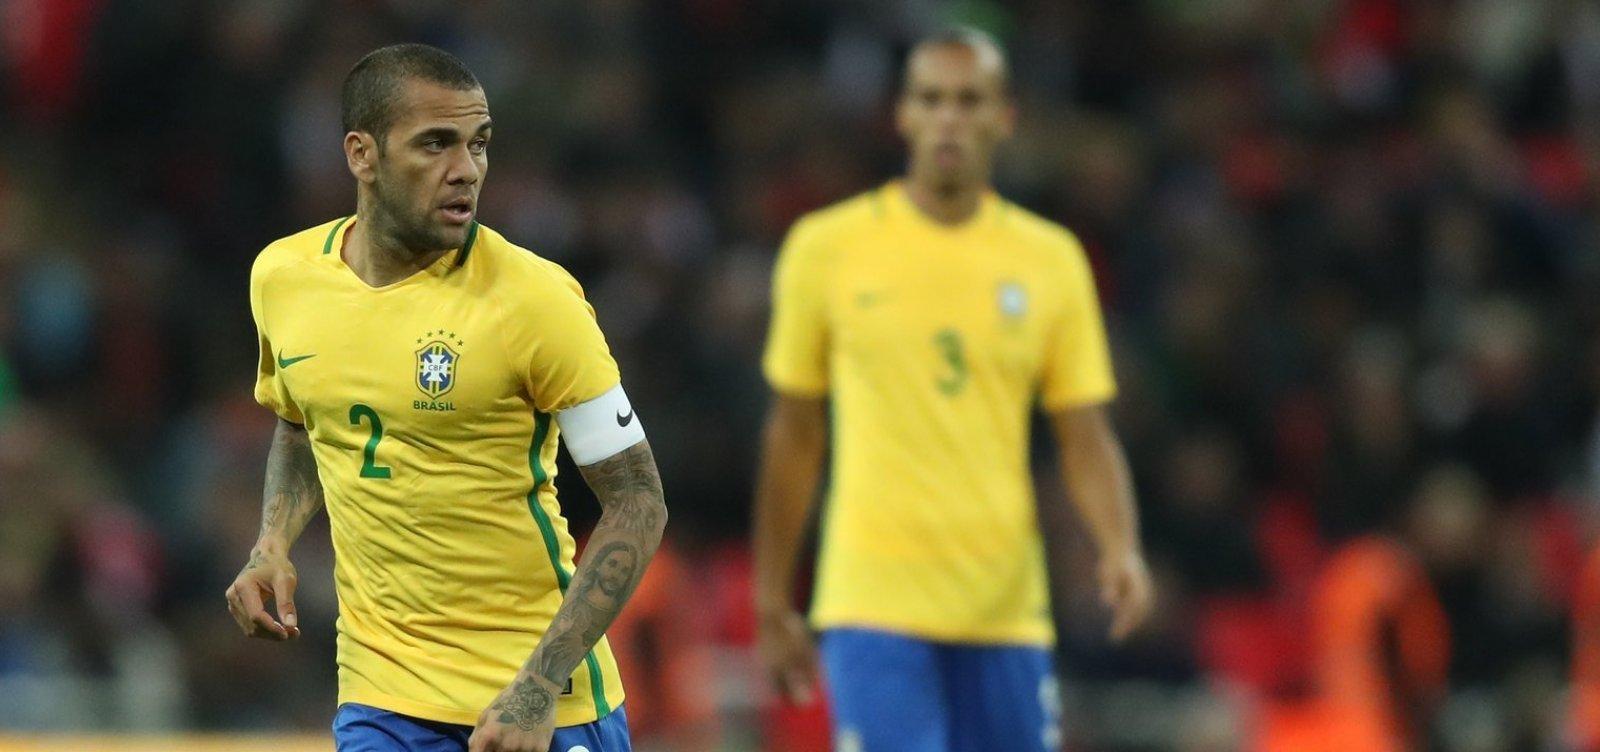 Tite rejeita Neymar e define Daniel Alves como capitão da seleção